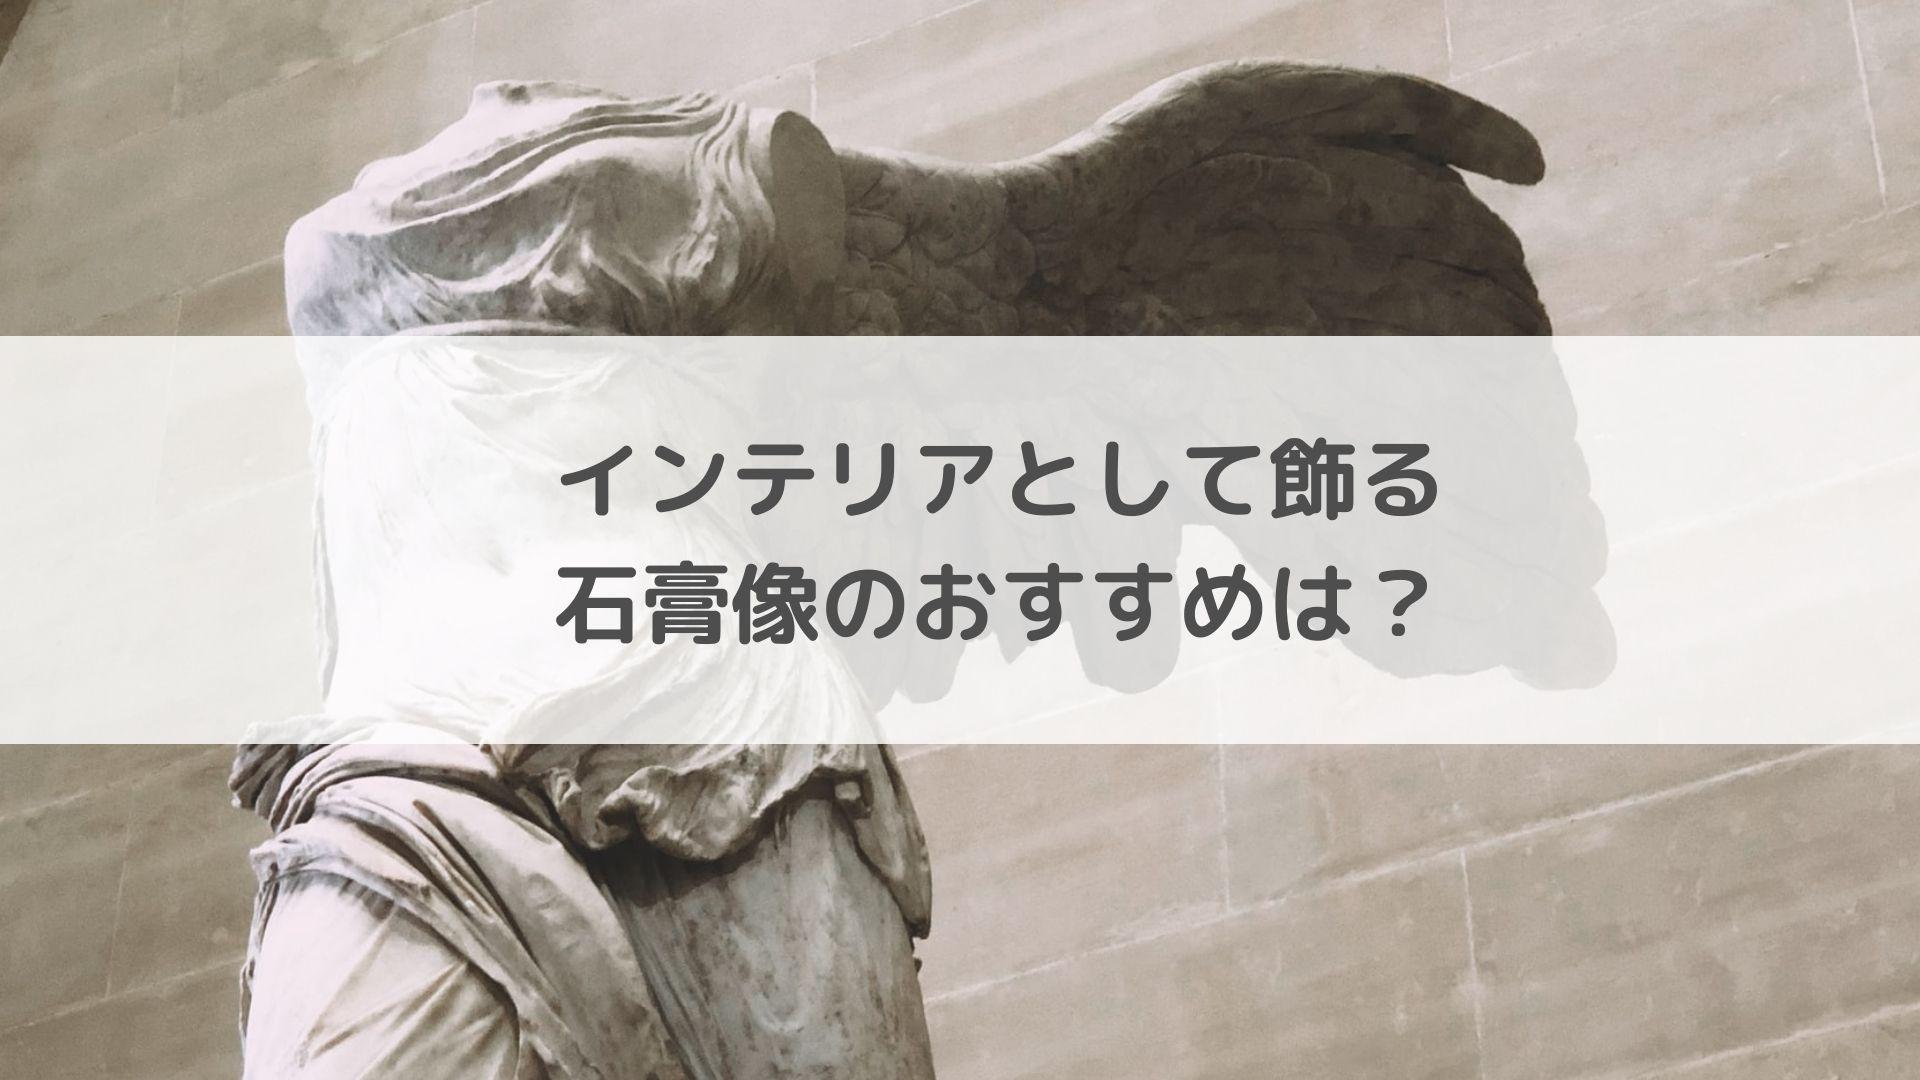 インテリアとして飾る石膏像のおすすめは?どんな種類がある?